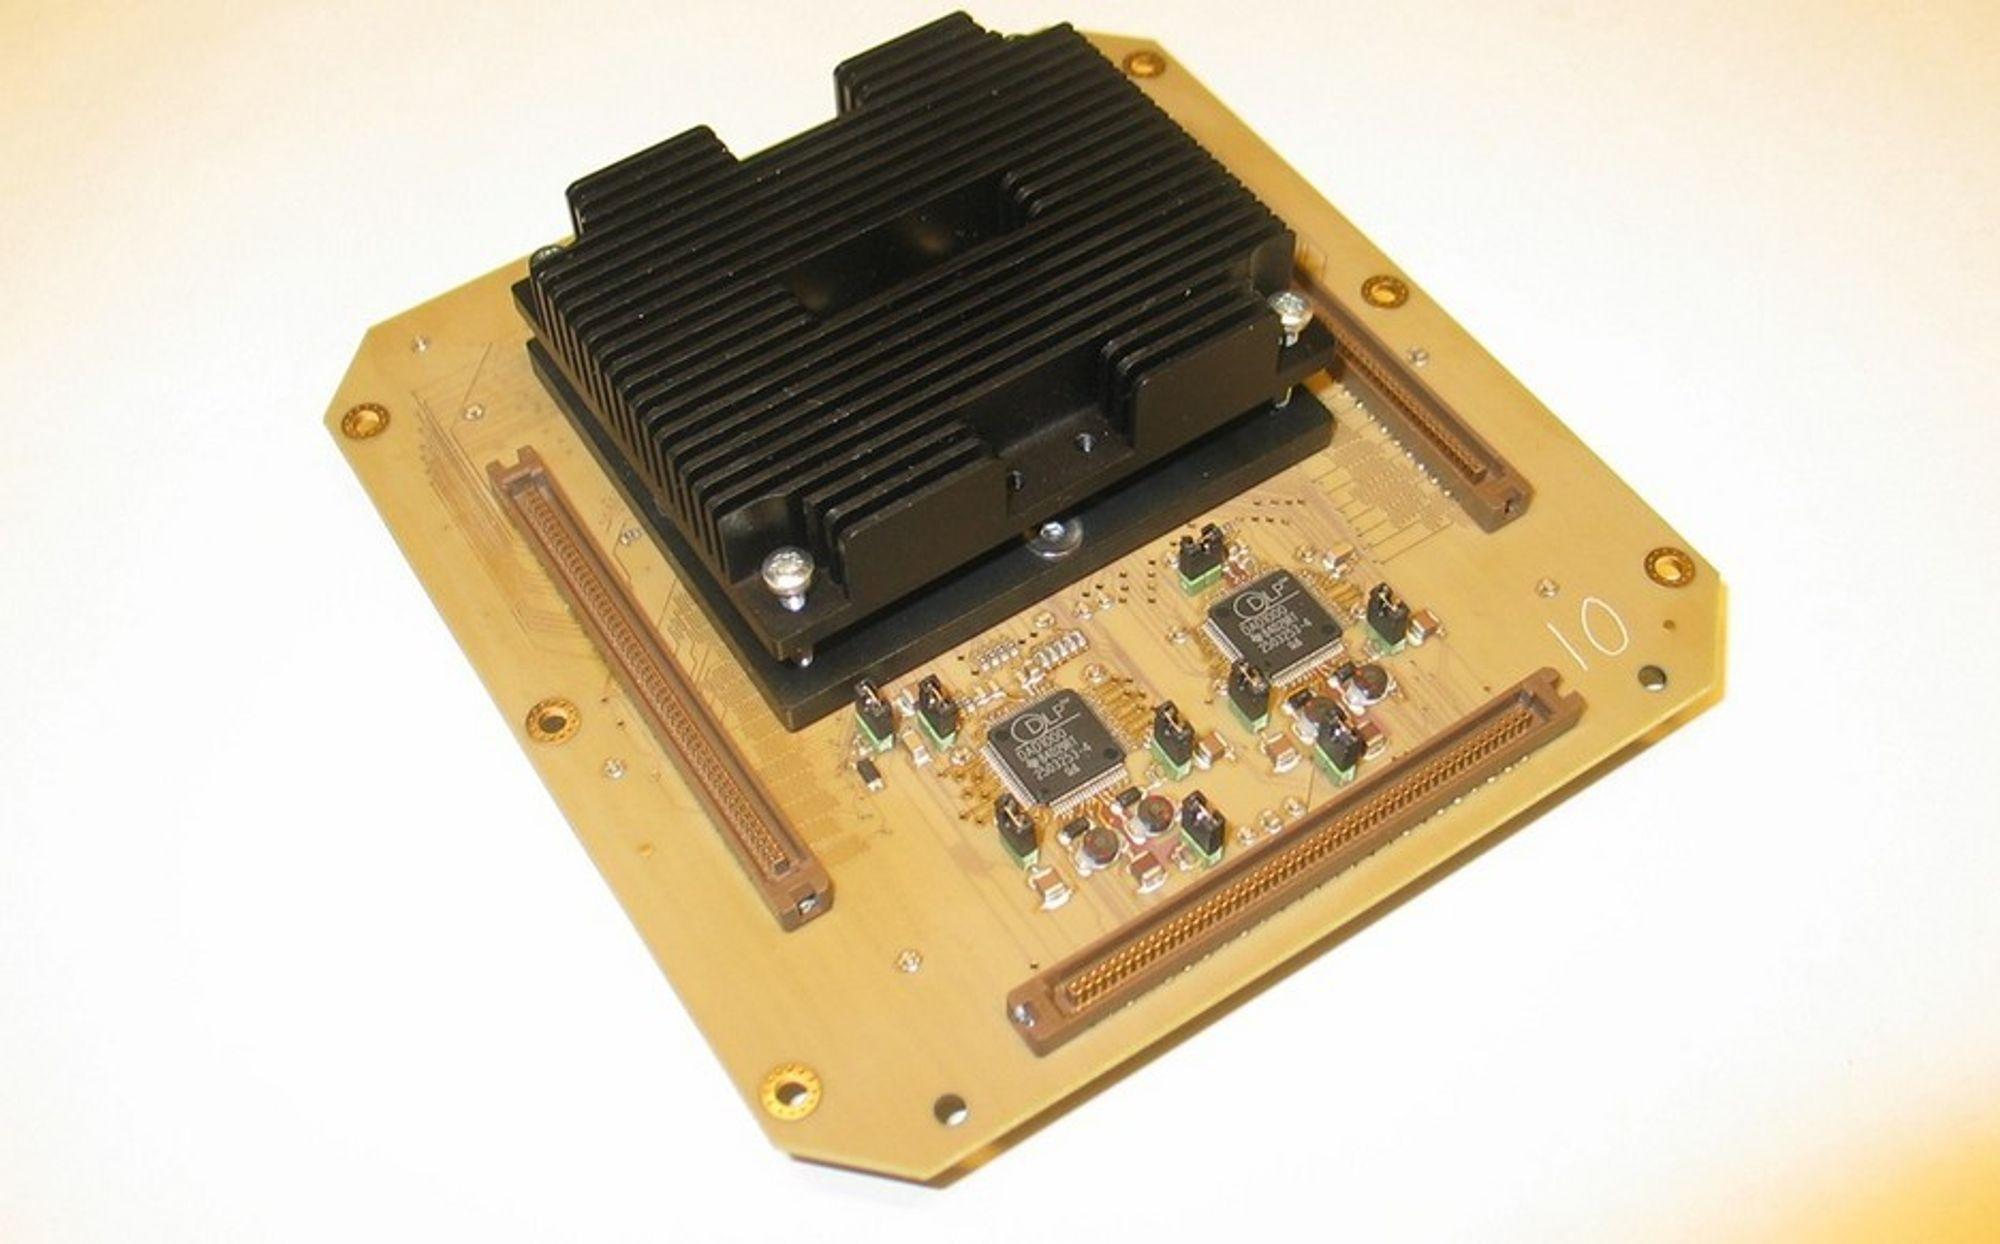 DLP-teknologien brukes i dag i videoprojektorer, blant annet i hjemmekinoer. Nå skal den ut i rommet.